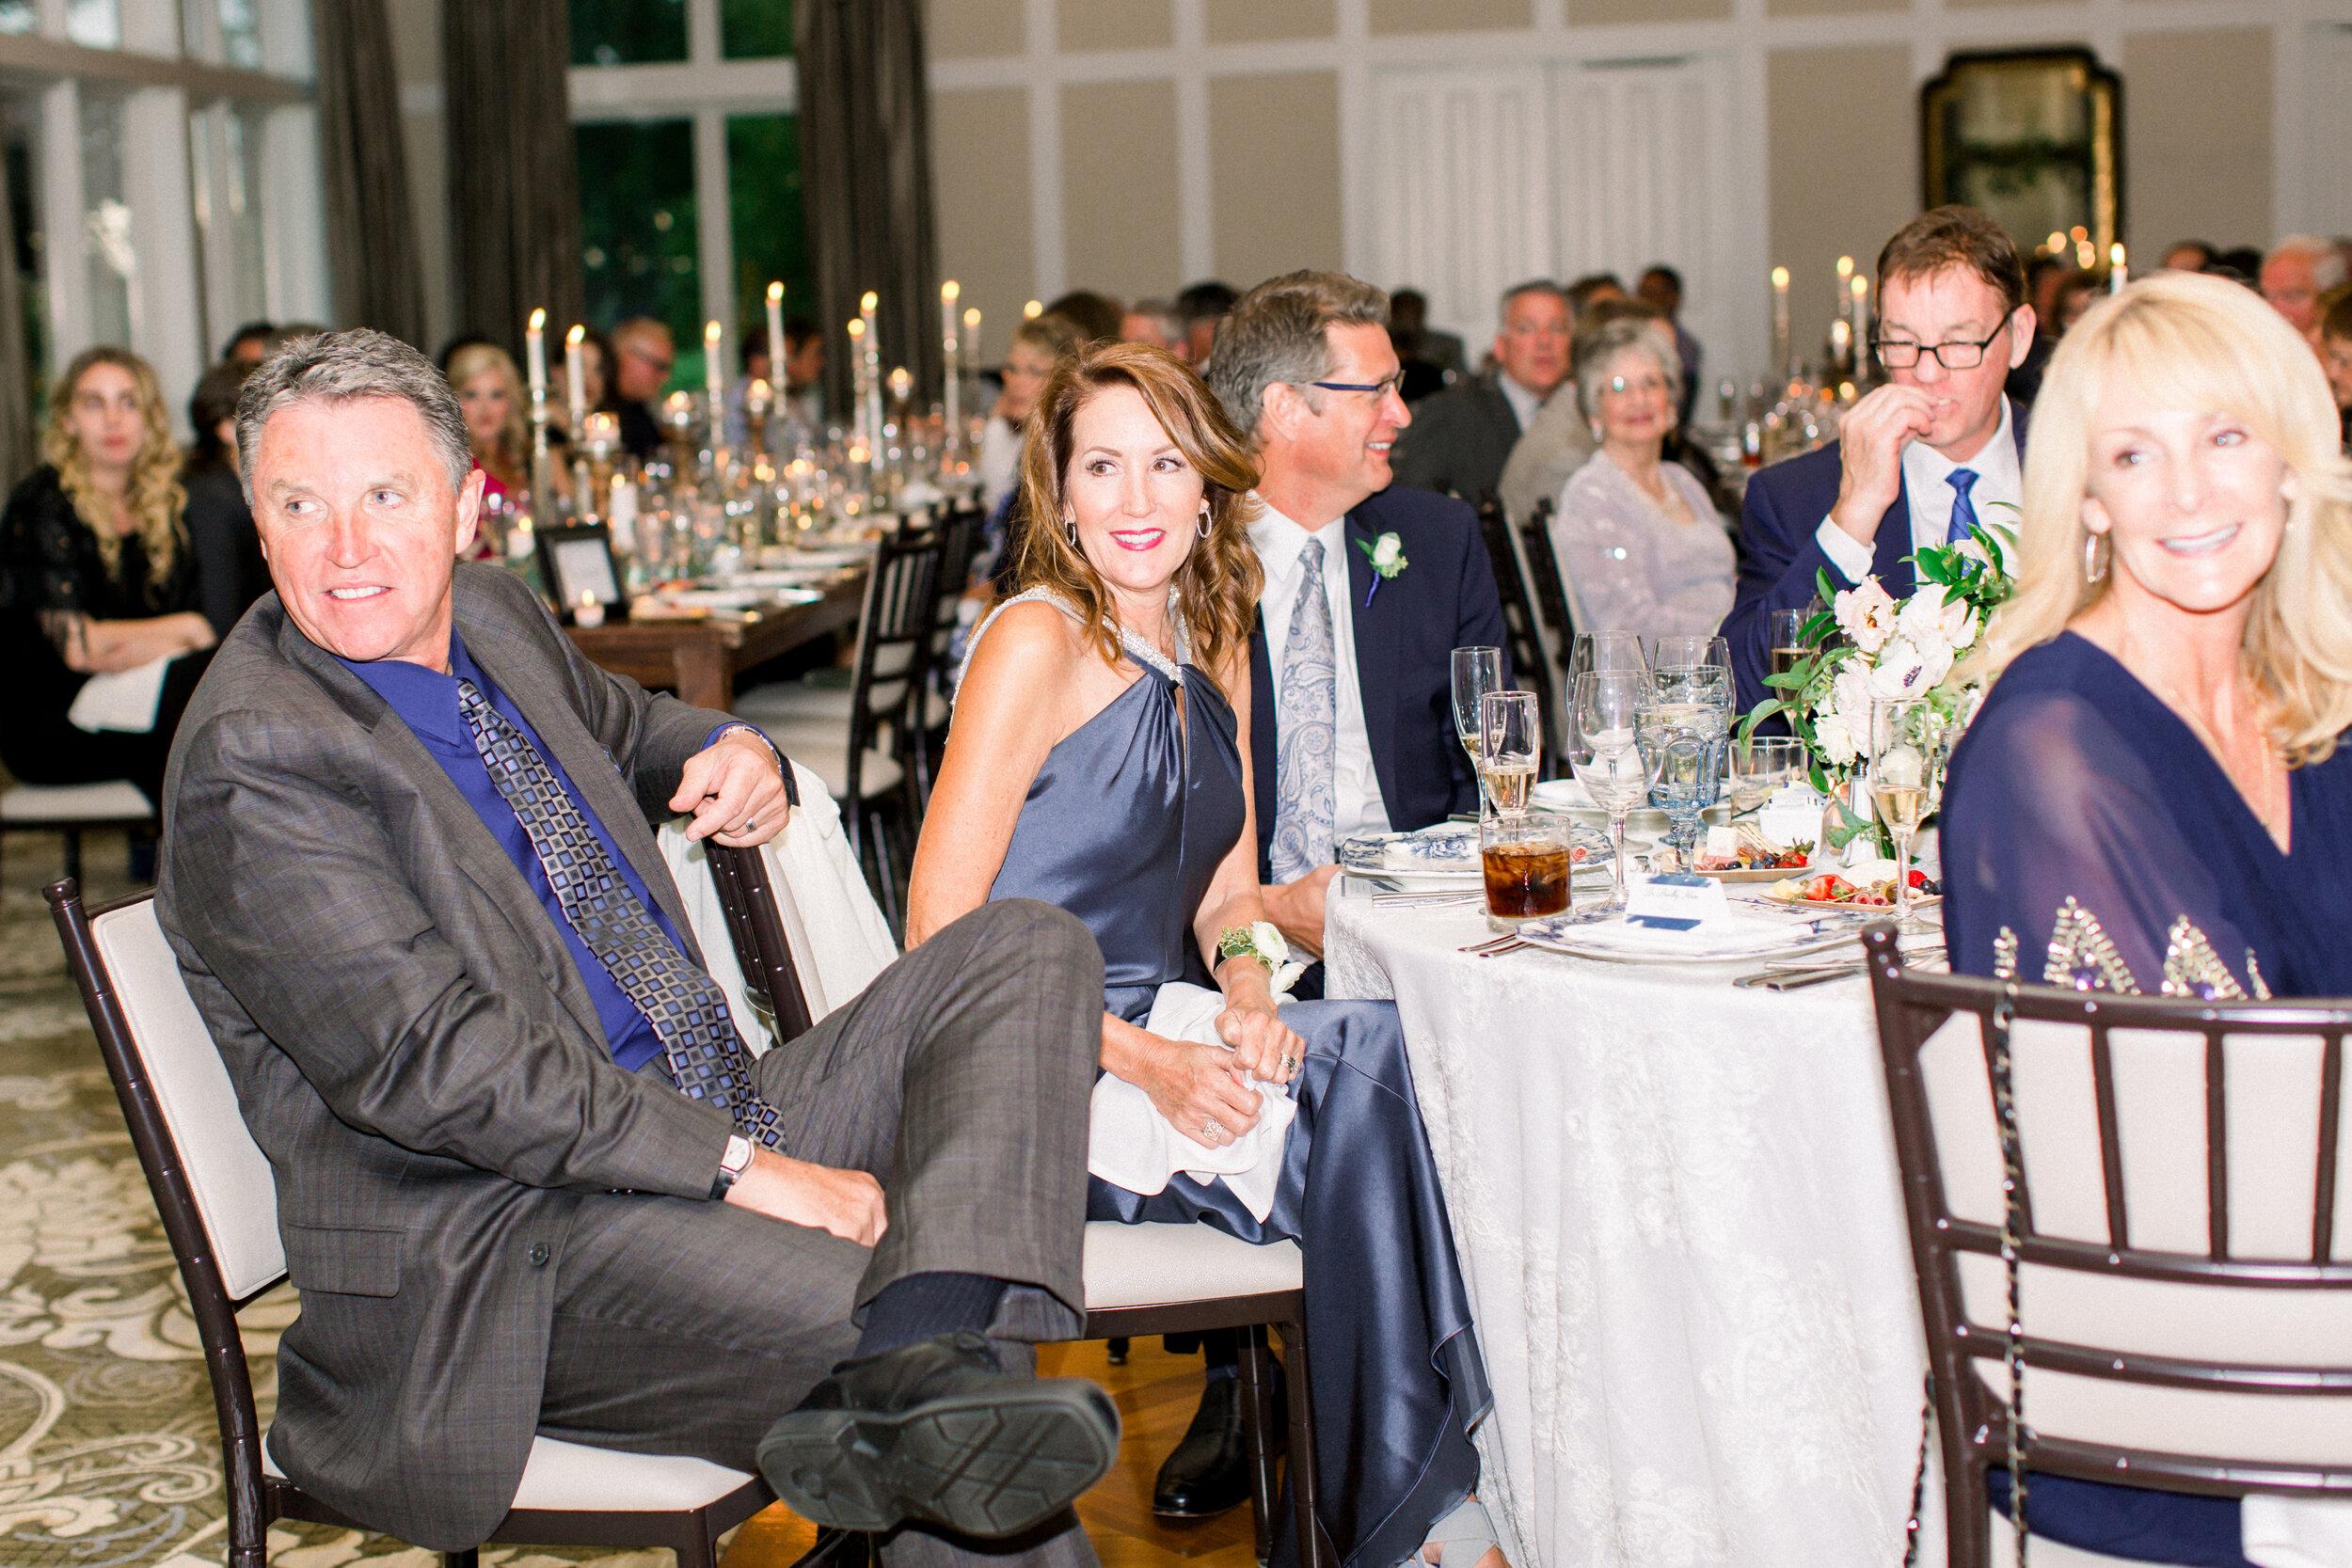 Kuiper+Wedding+Reception-109.jpg